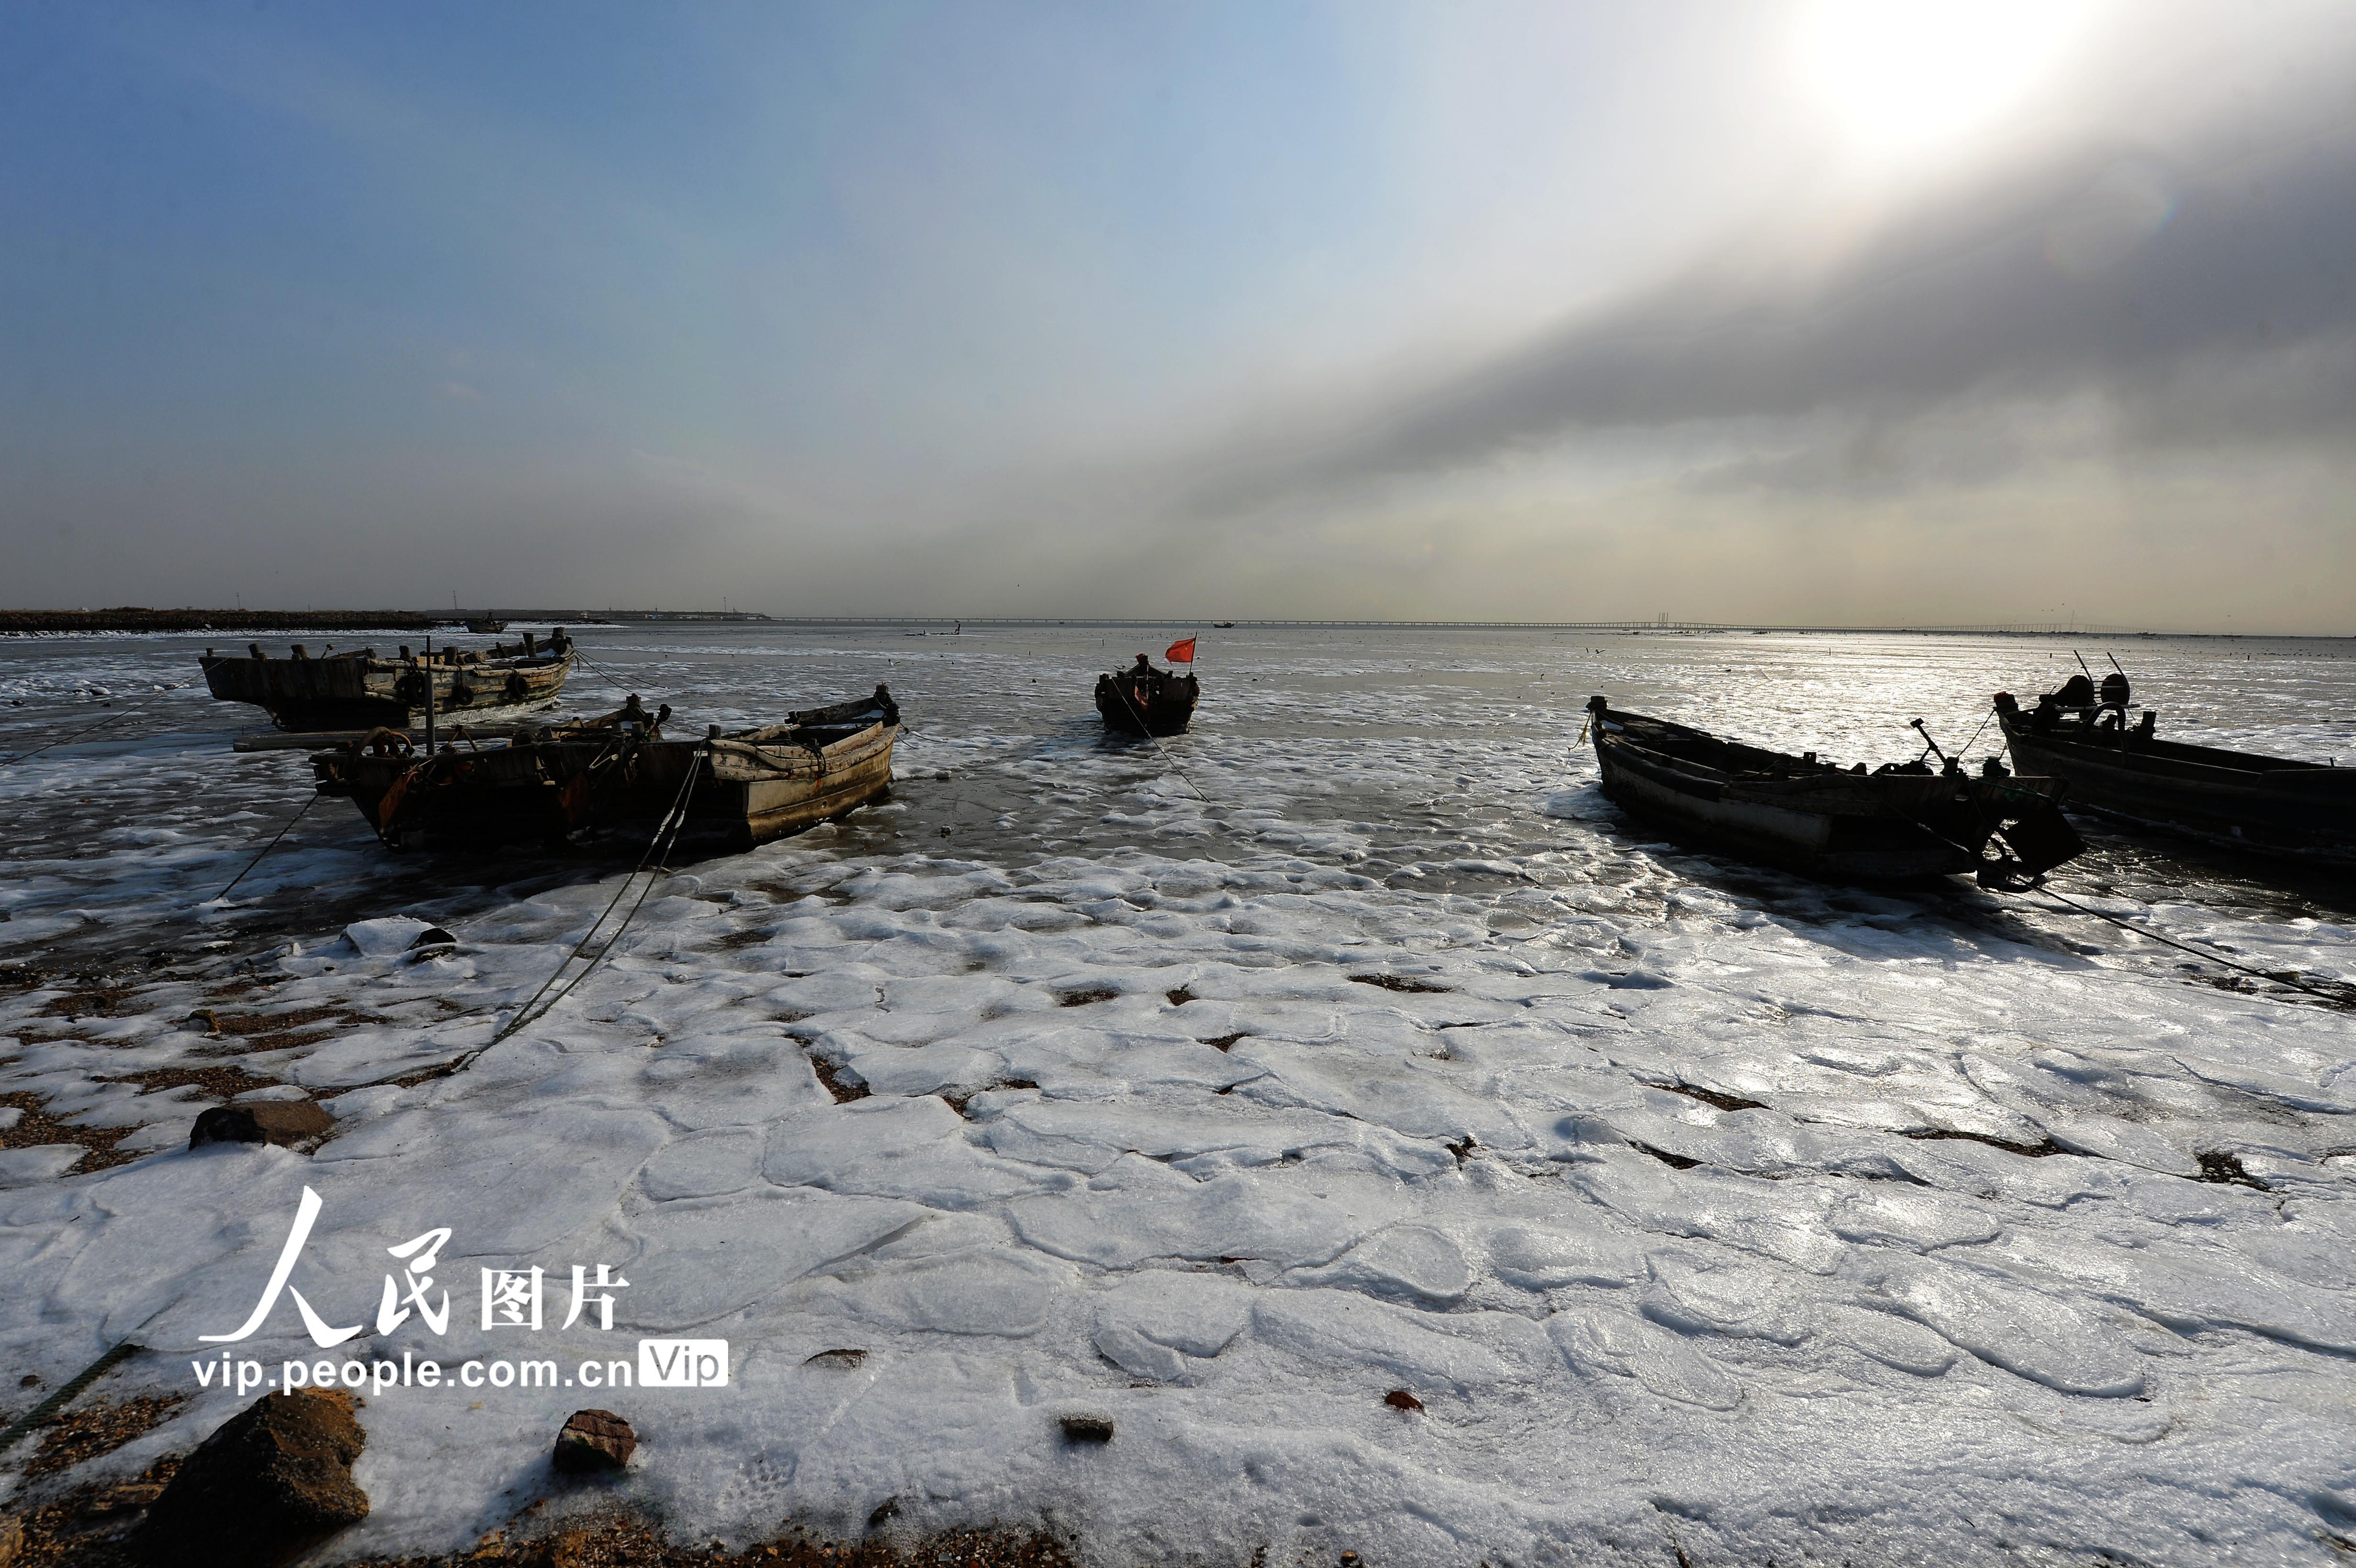 寒潮来袭 山东青岛沿海滩涂开始封冻